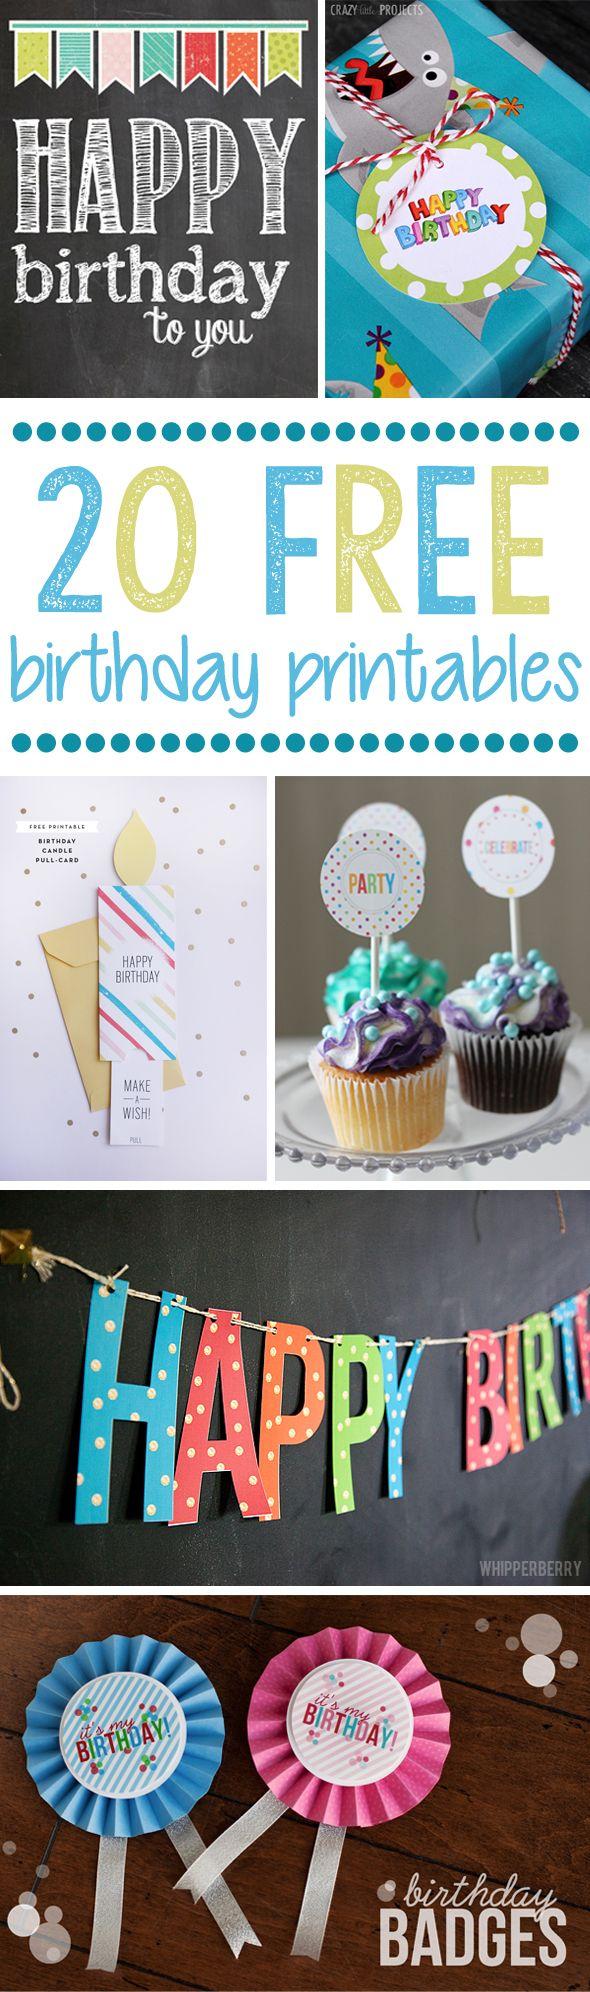 20 Free Birthday Printables - Pretty My Party #free #birthday #printables